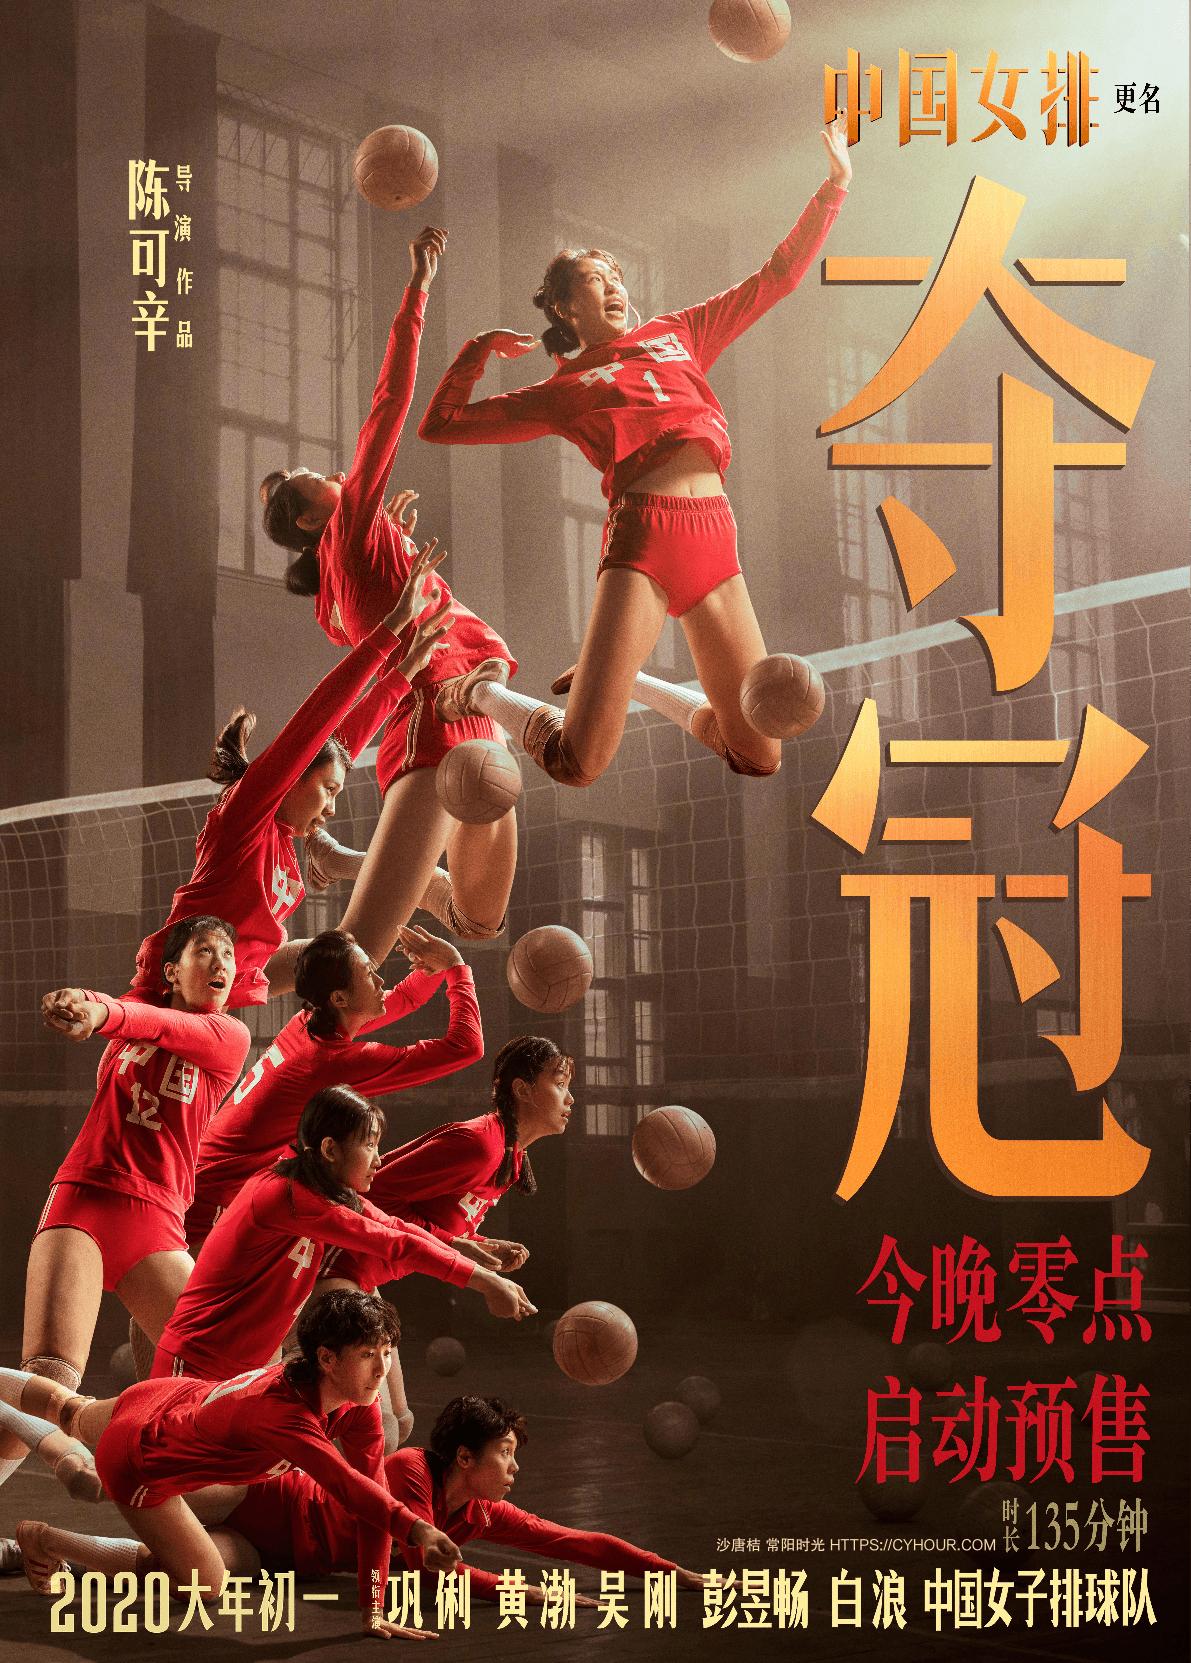 夺冠.Leap.1080p.BT.中国女排.国语中字 (2020) 豆瓣 2020 评分最高华语电影-沙唐桔